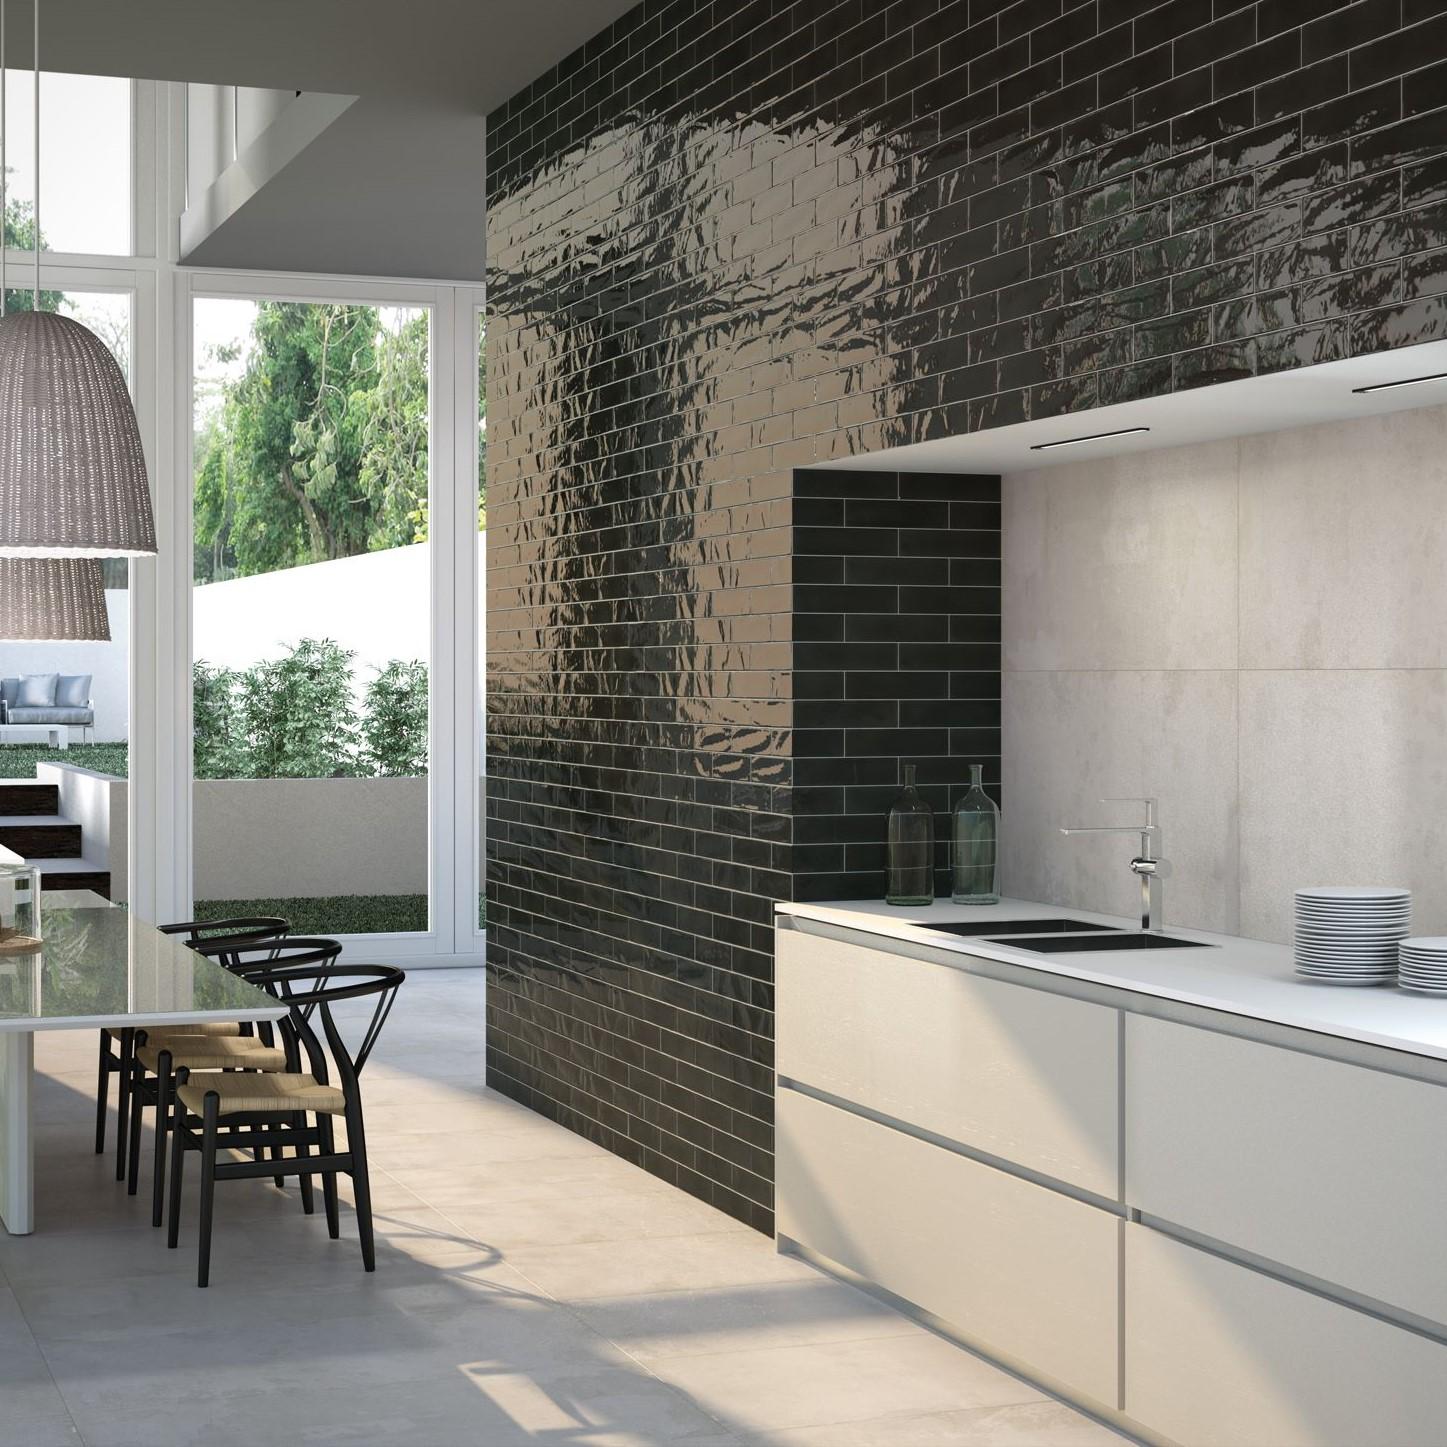 OPAL_8 O'Connor Carroll Bathrooms & Tiles Dublin